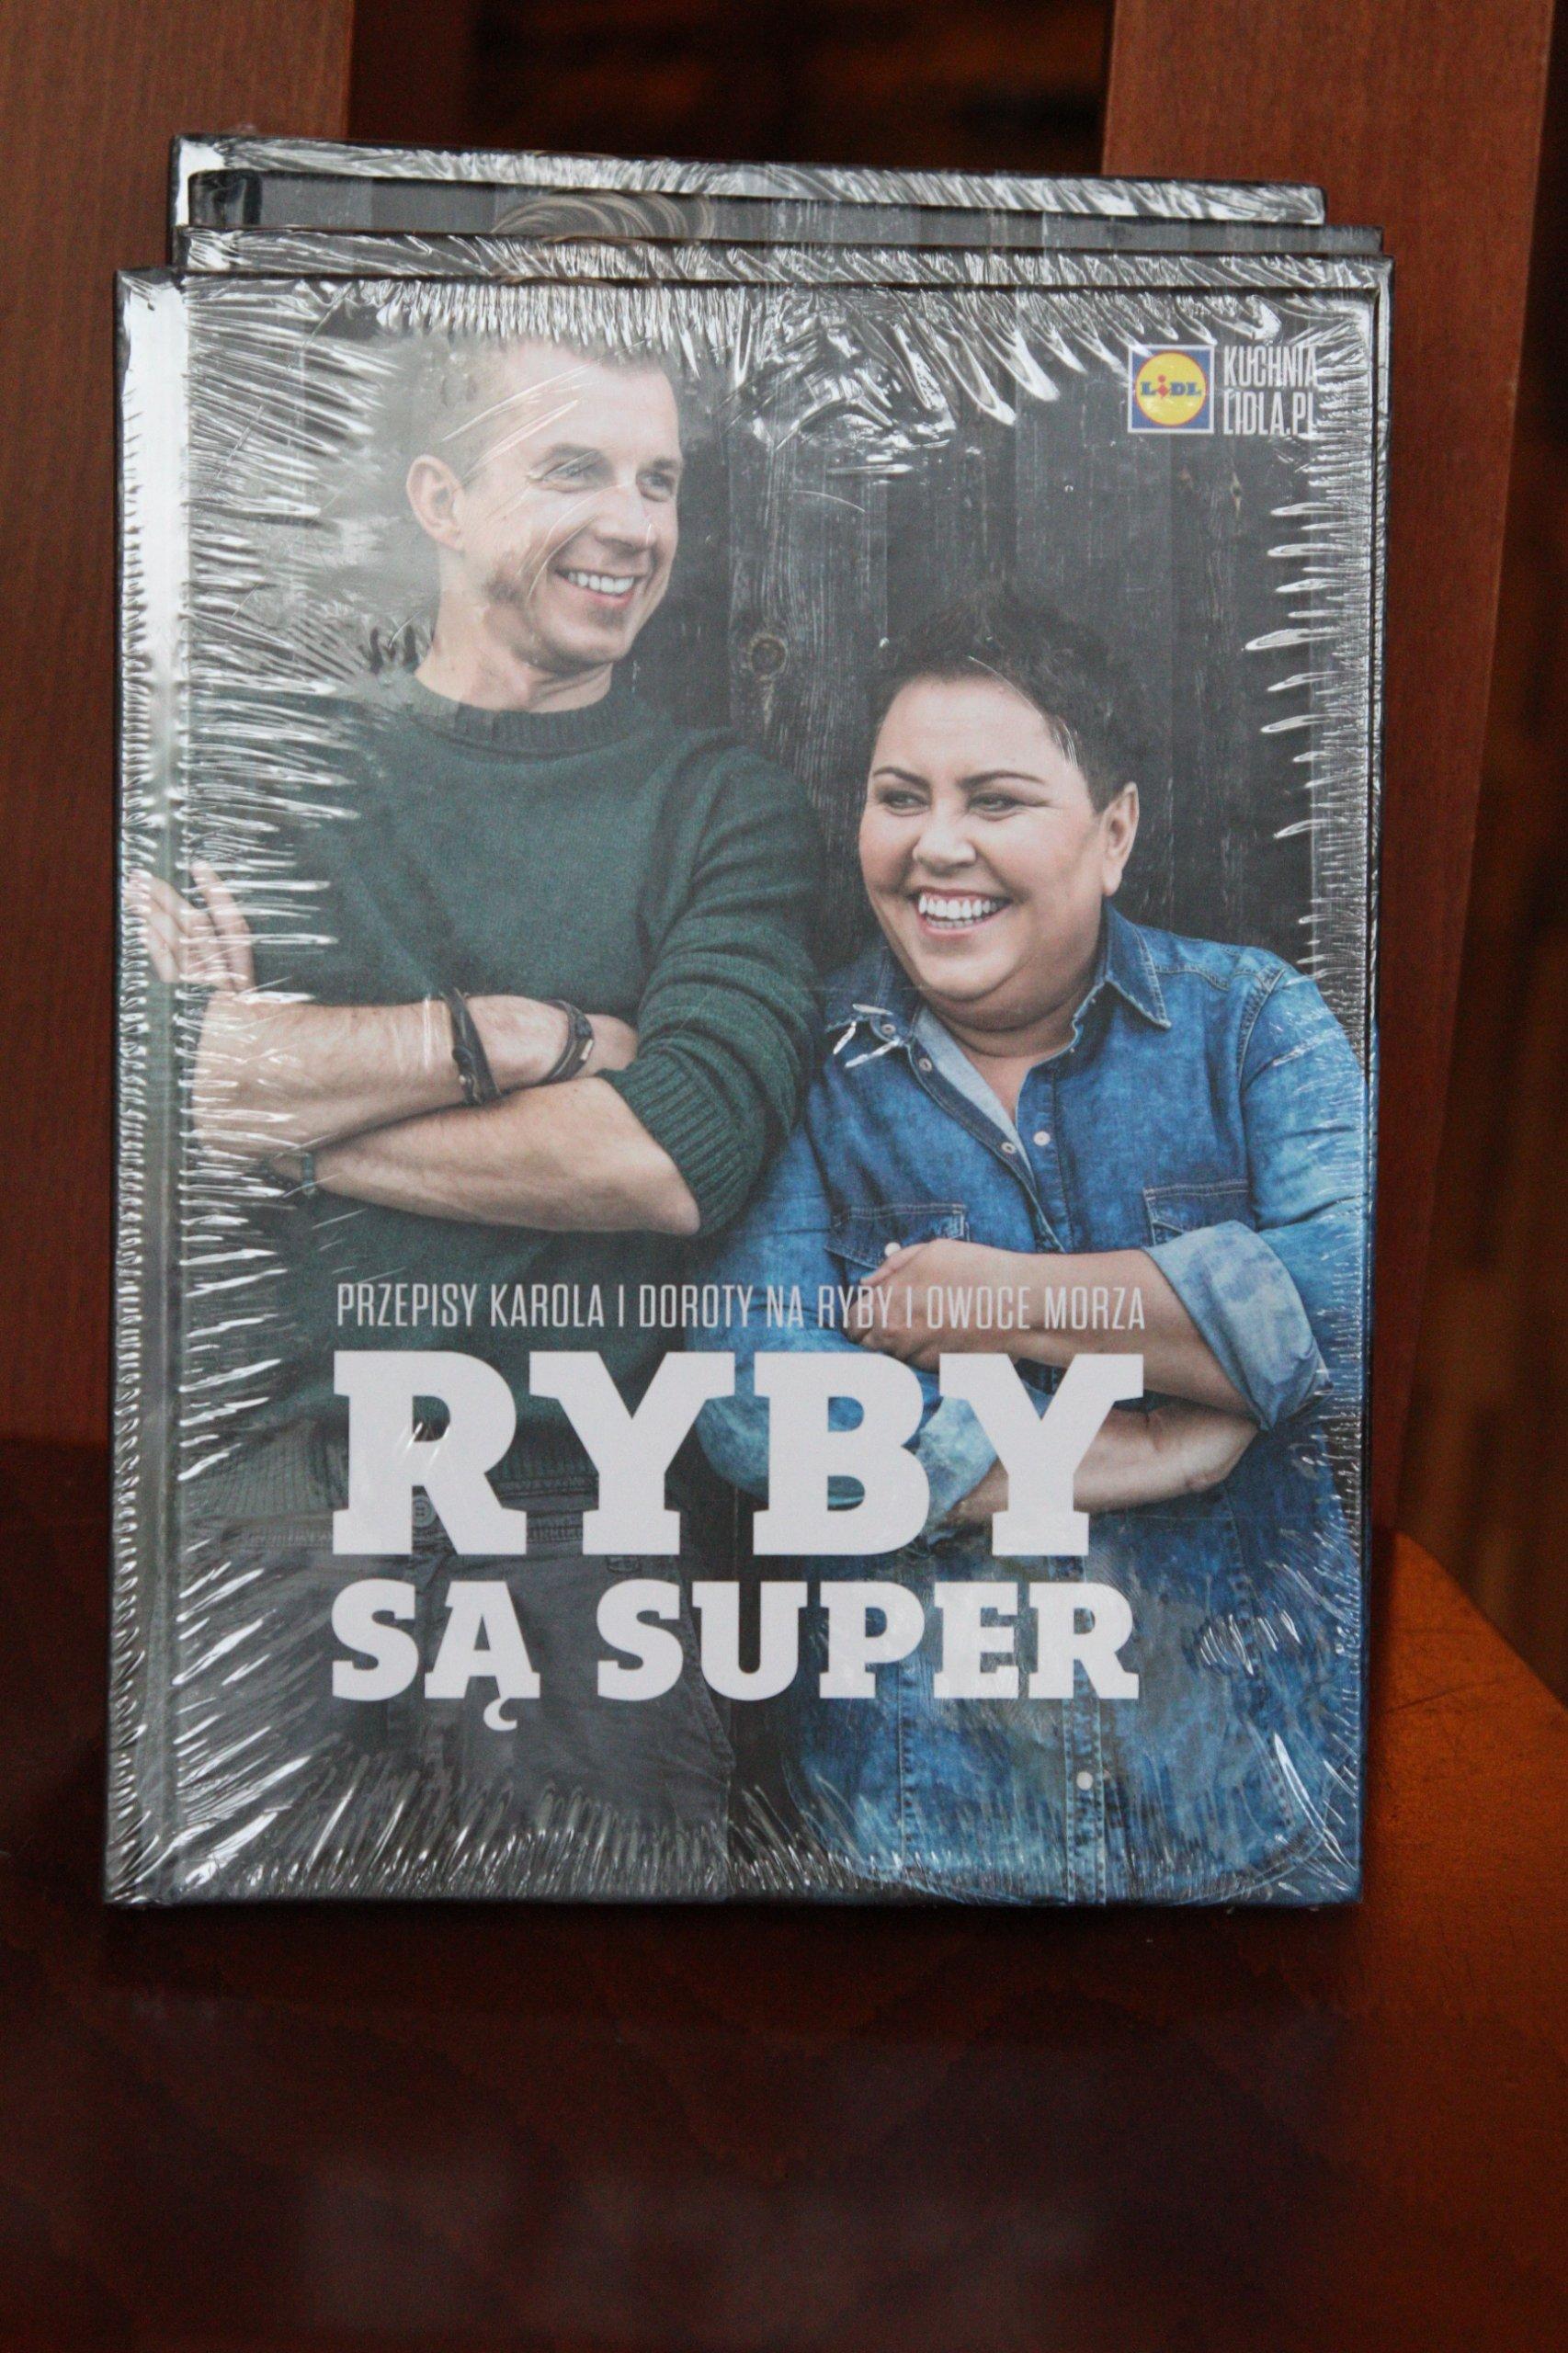 Ryby Sa Super Przepisy Karola Okrasy Kuchnia Lidl 6990773833